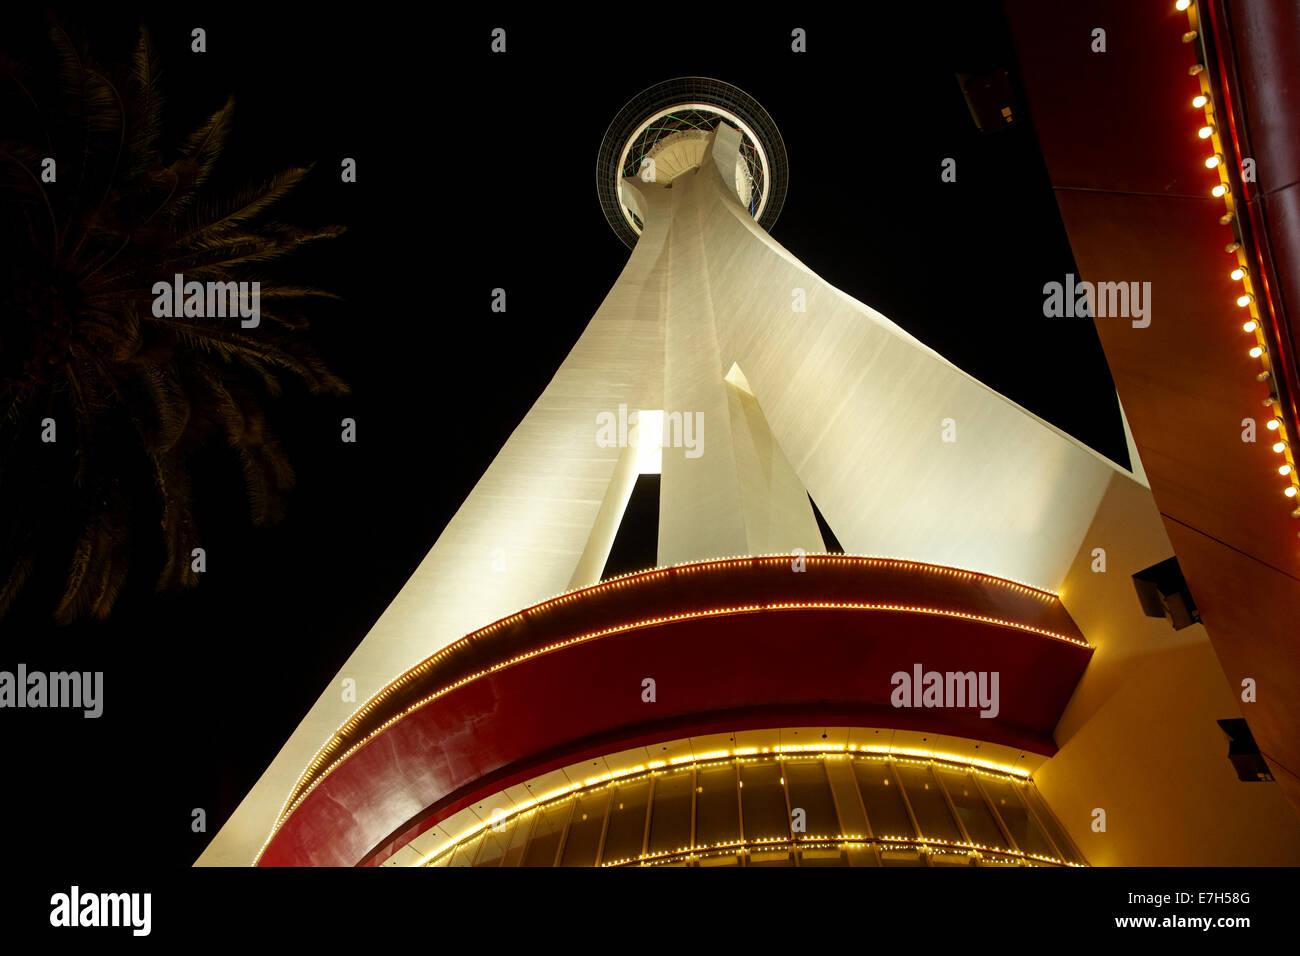 Stratosphere tower, Las Vegas, Nevada, USA - Stock Image